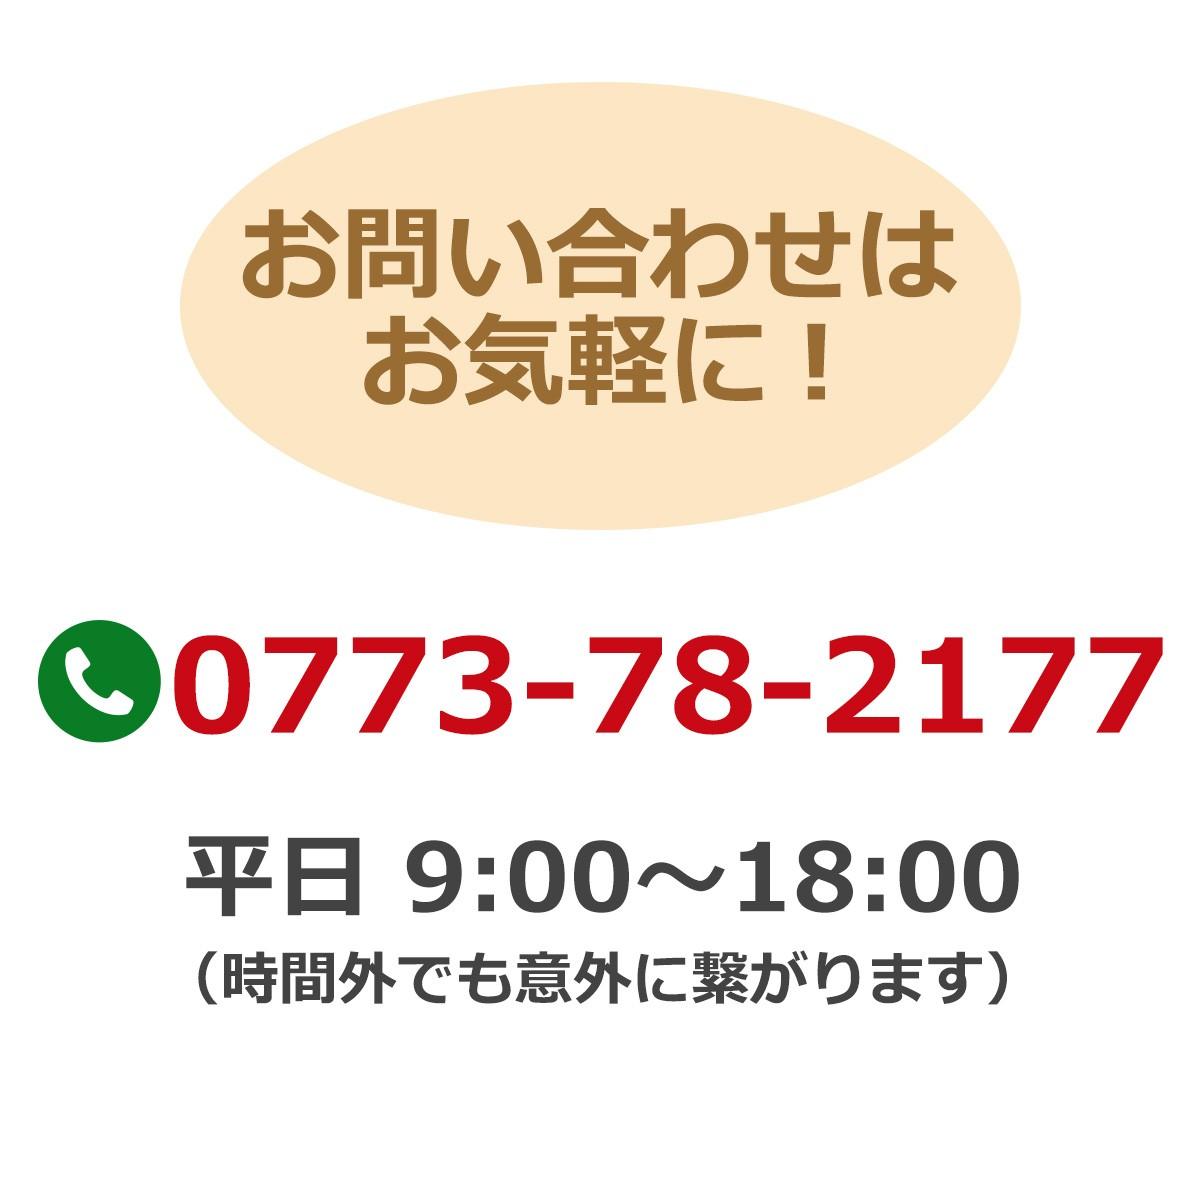 お問い合わせはお気軽に!電話番号:0773-78-2177 平日9時〜18時(時間外でも意外に繋がります)